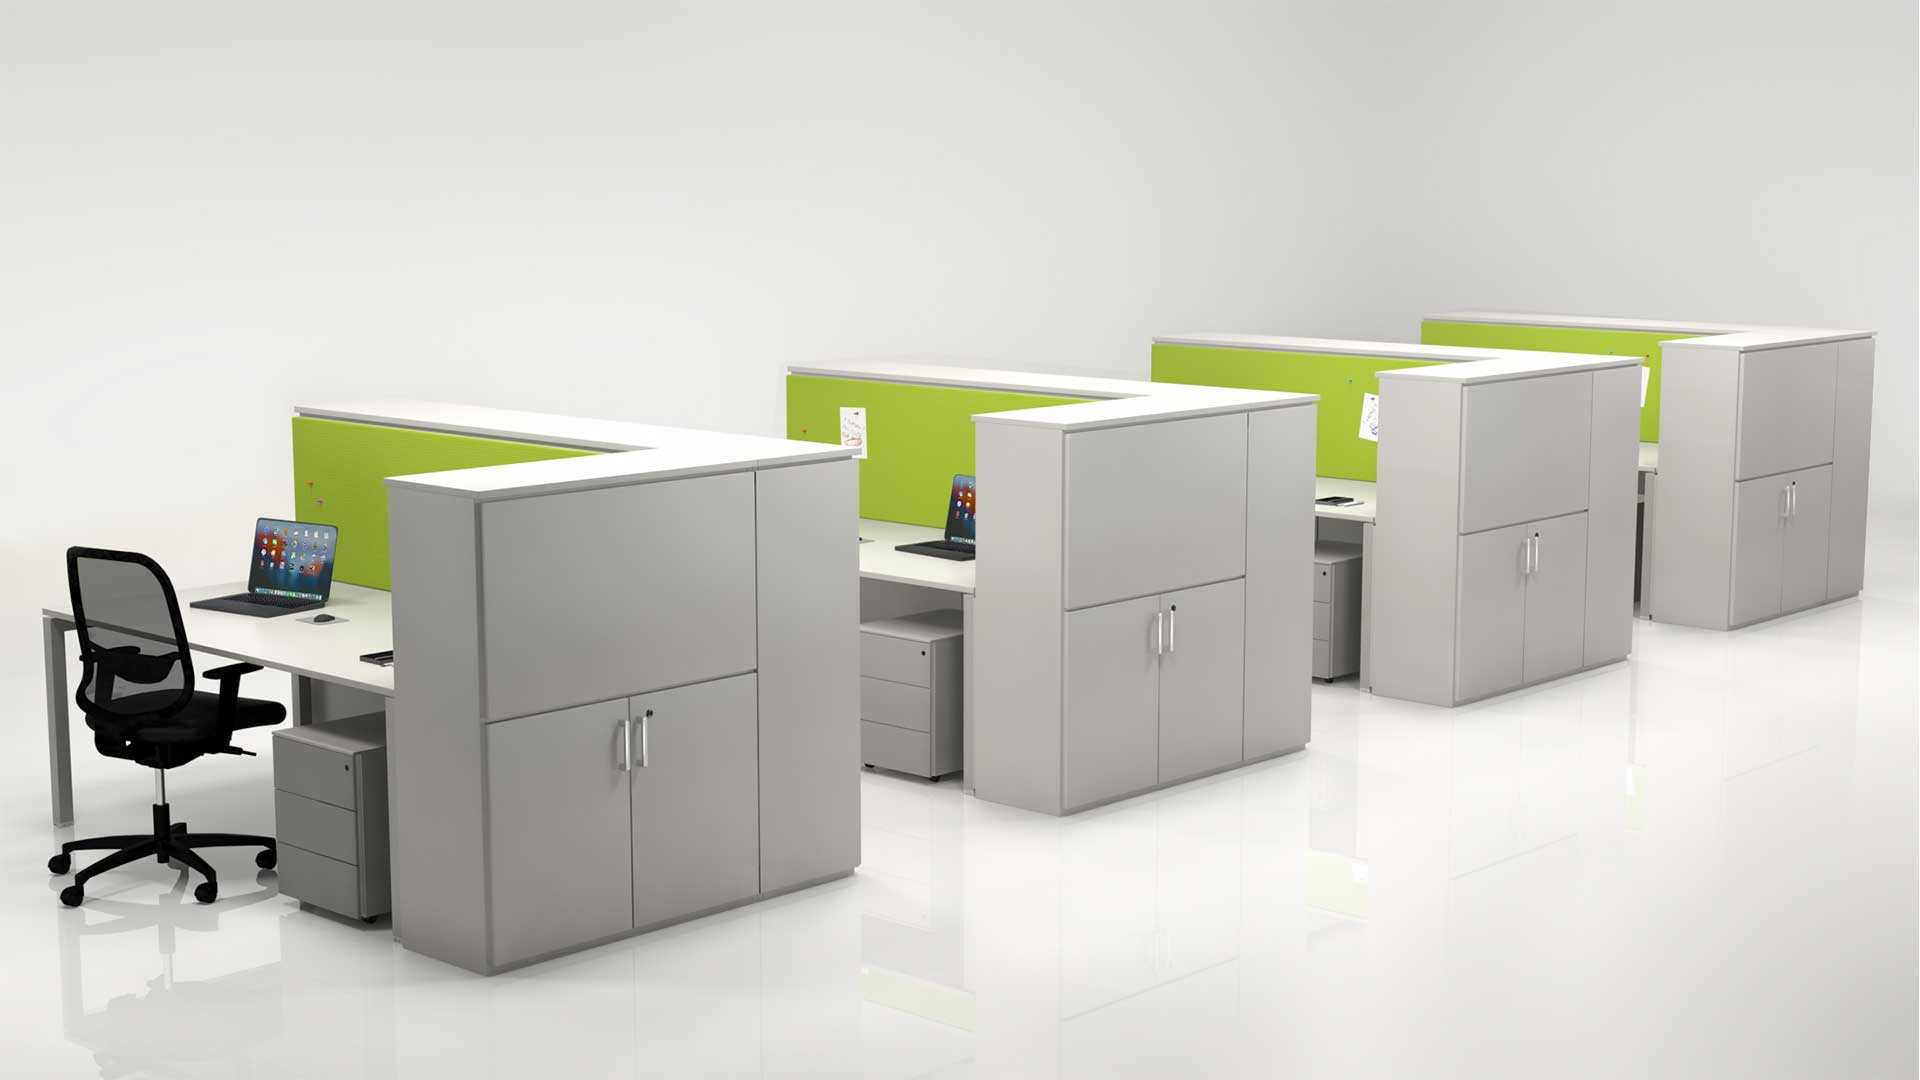 Piante Ufficio Open Space : Privacy visiva negli uffici open space arredo ufficio isolamento